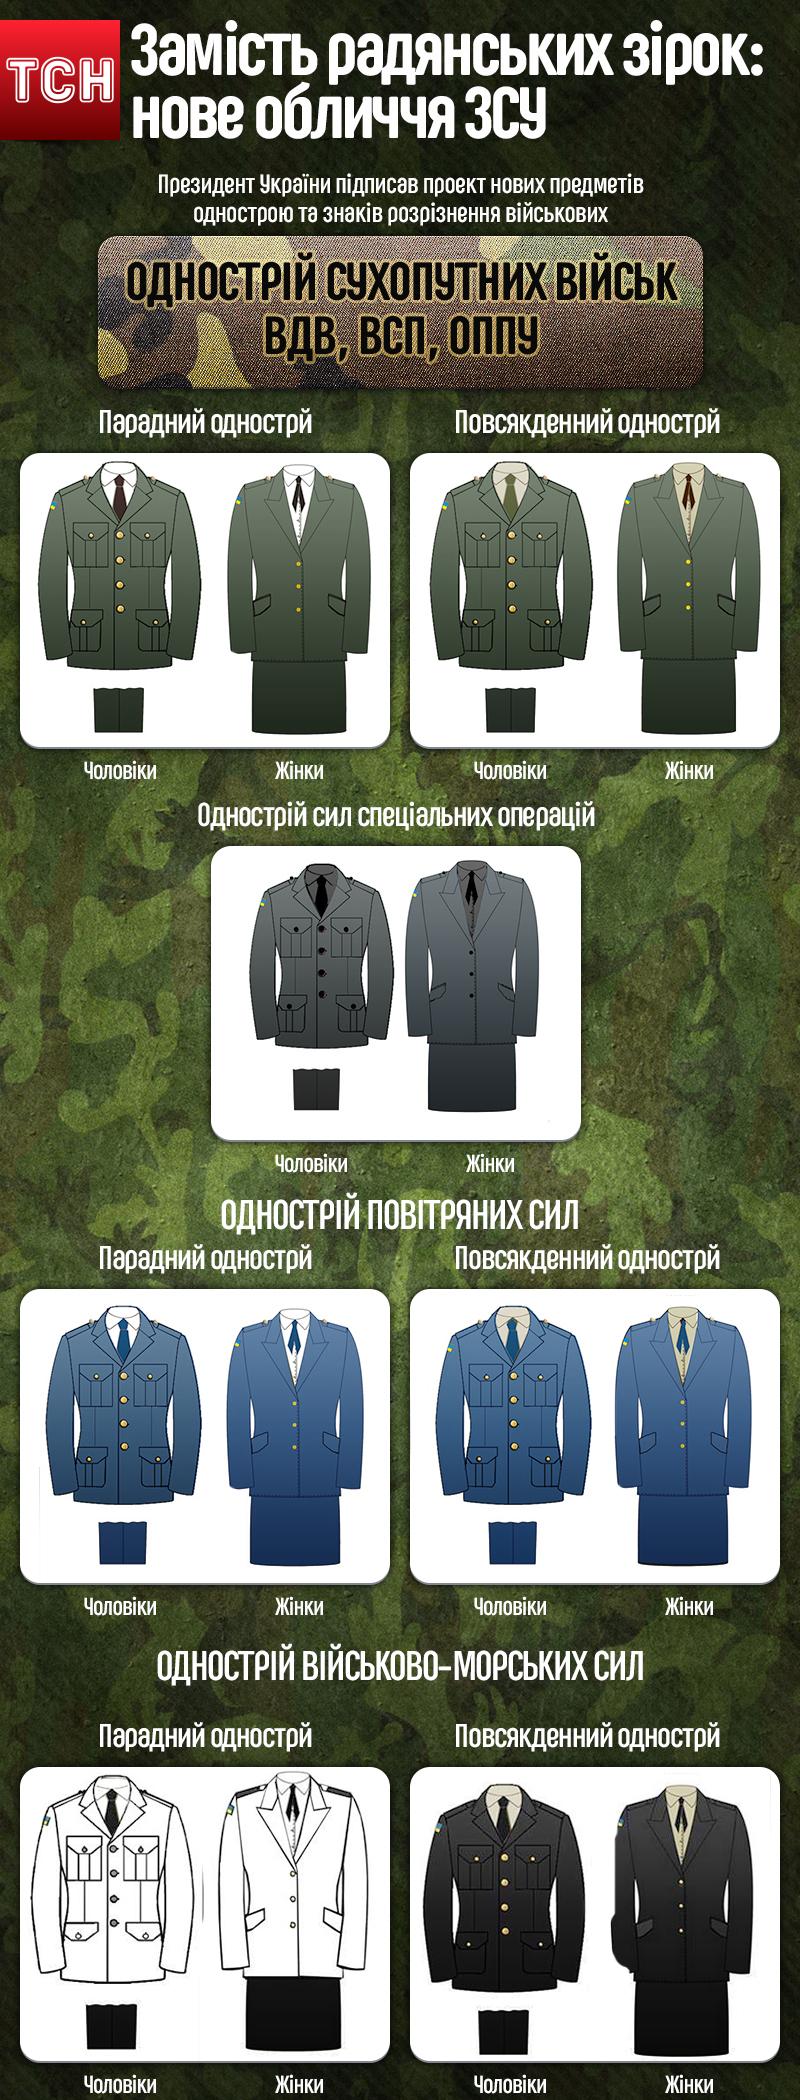 Какими будут новые форма и погоны украинской армии Инфографика  Какими будут новые форма и погоны украинской армии Инфографика inforesist